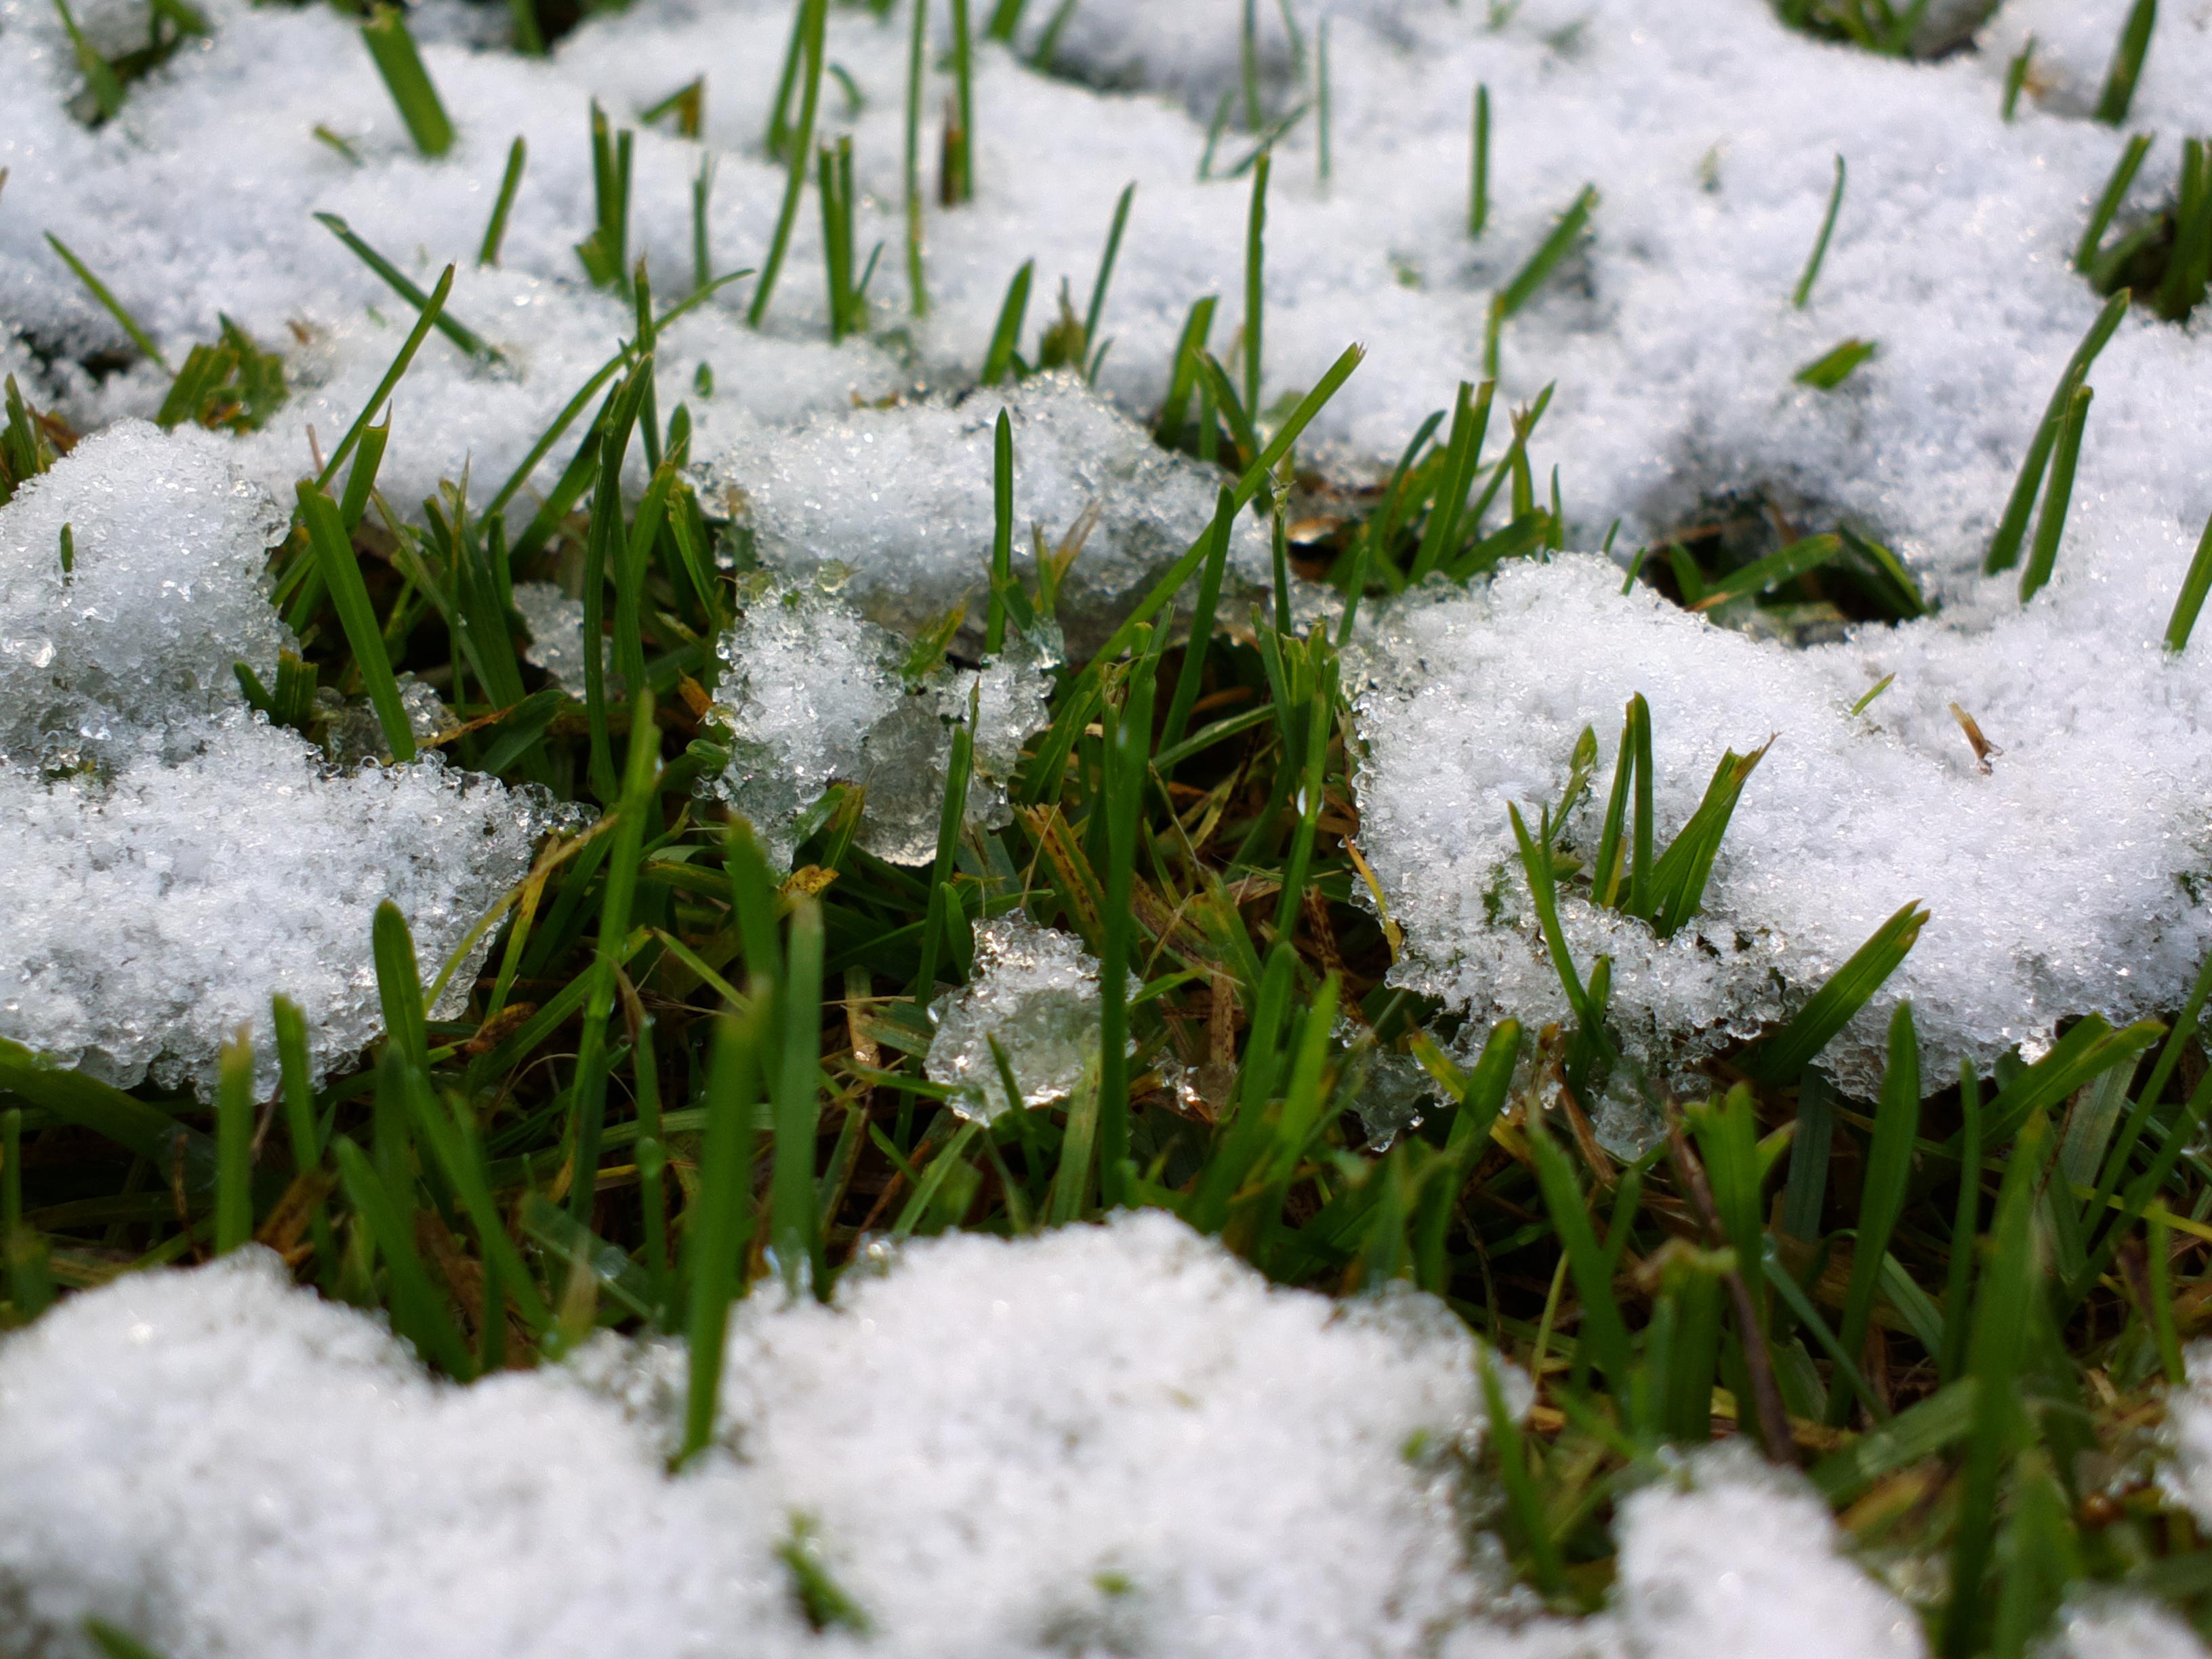 Картинка с травой весной, праздников казахстана поздравительные